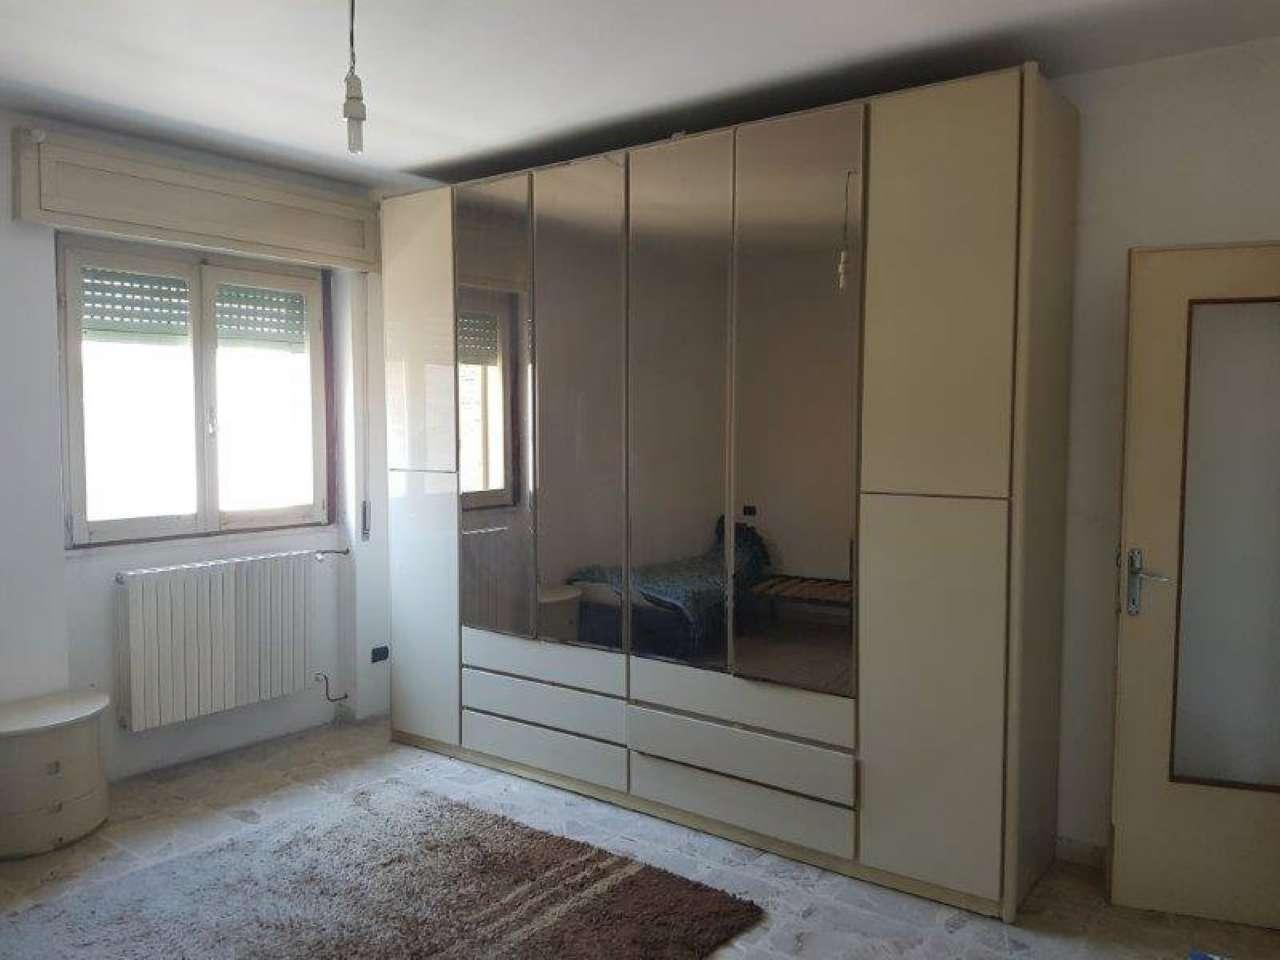 Soluzione Indipendente in vendita a Quintano, 2 locali, prezzo € 39.000 | CambioCasa.it